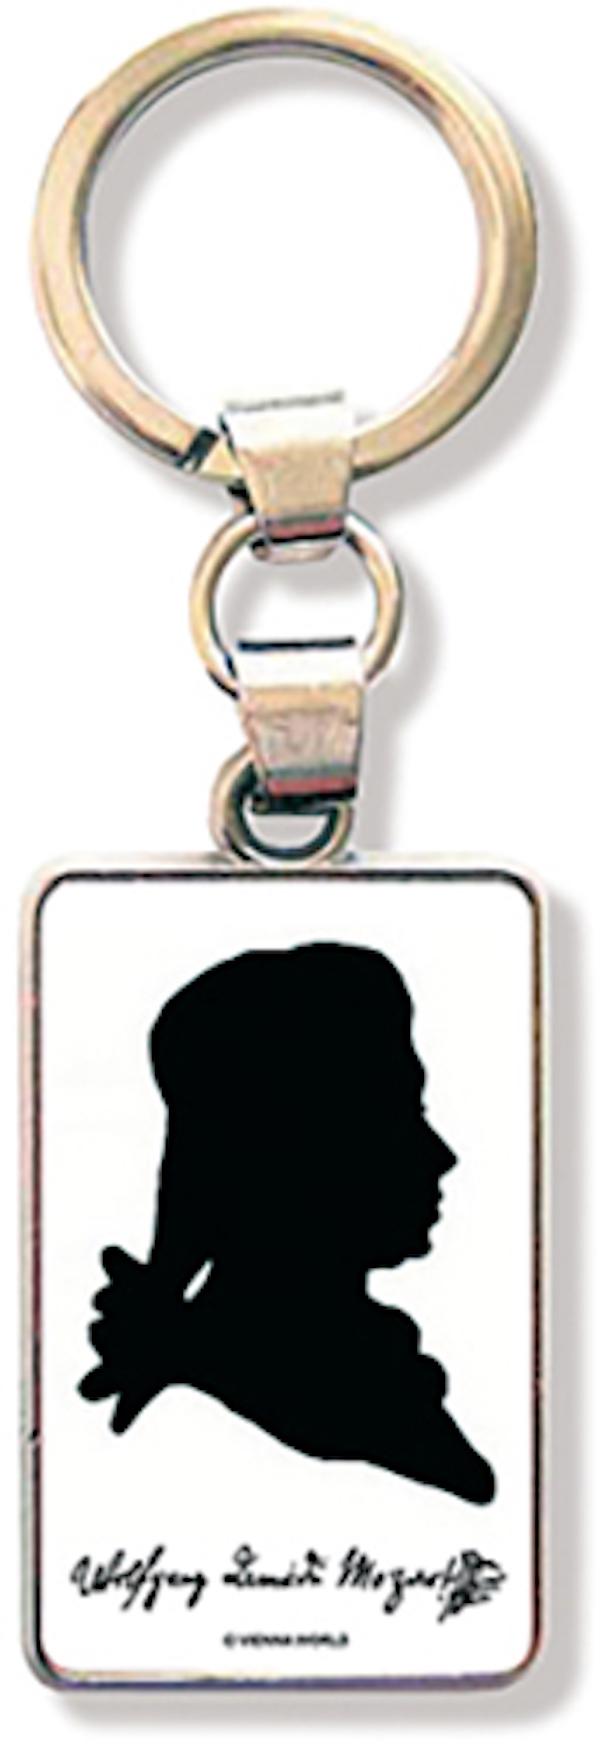 Schlüsselanhänger Mozart Silhouette